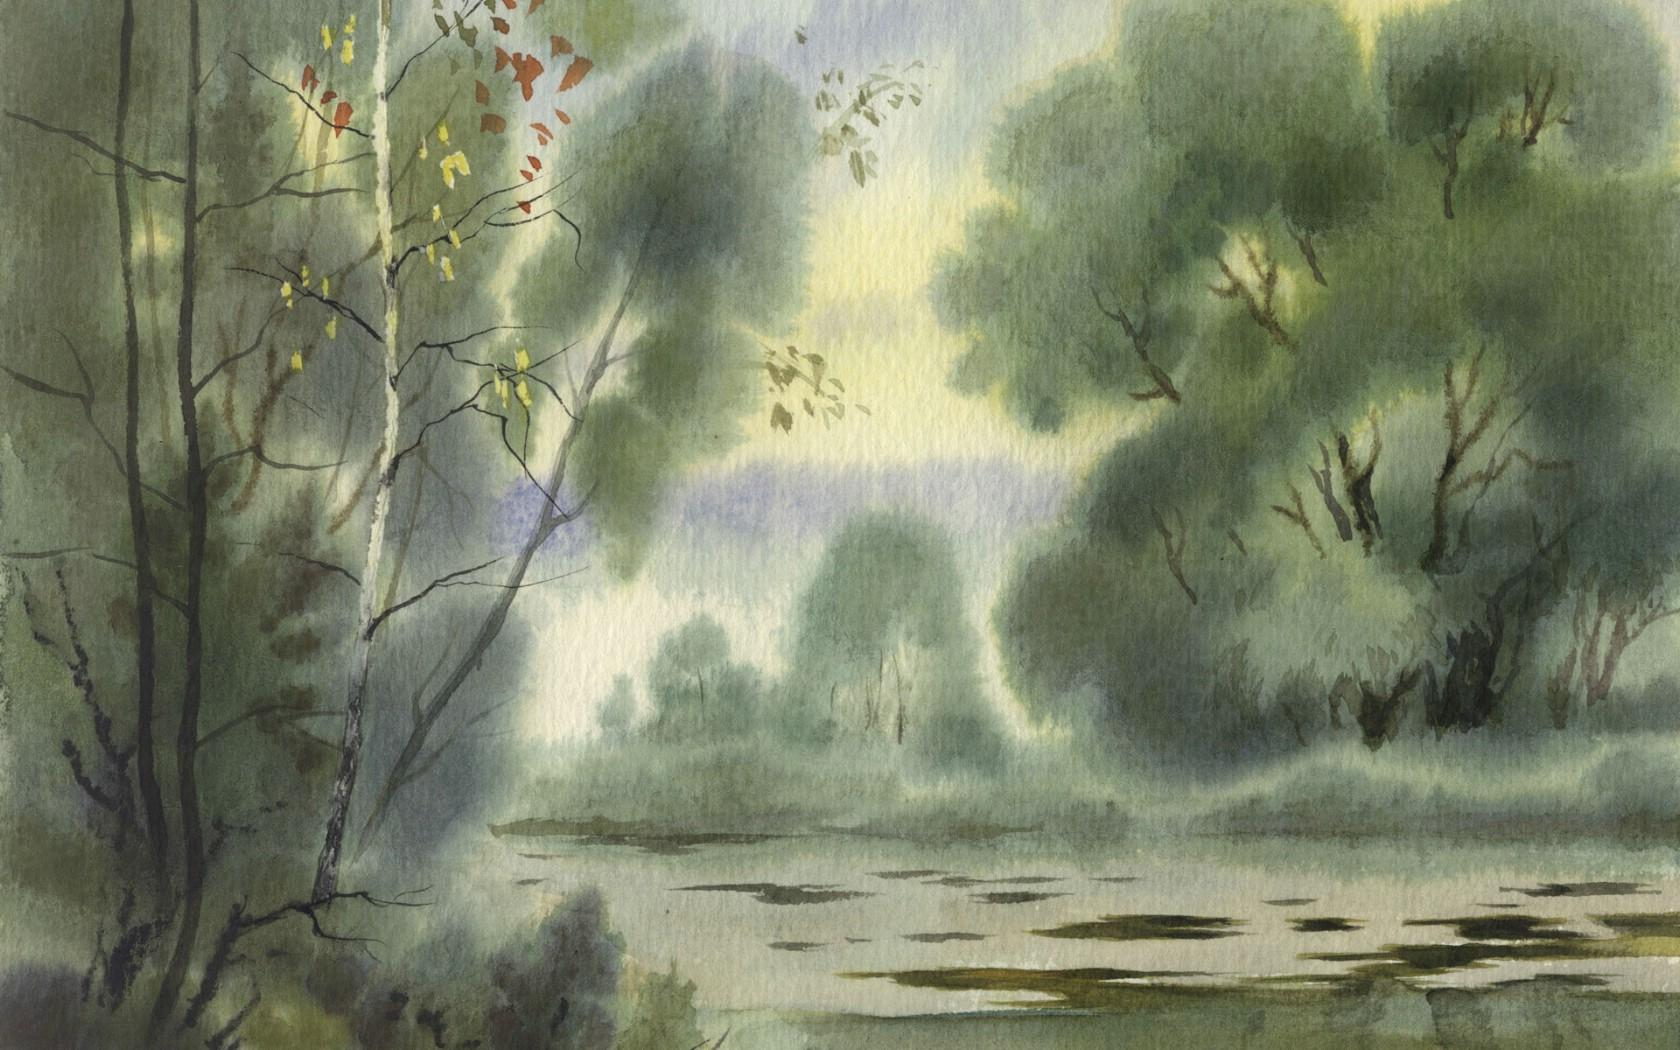 壁纸1680×1050水彩景色 1 14壁纸 动植风光 水彩景色 第一辑壁纸图片绘画壁纸绘画图片素材桌面壁纸